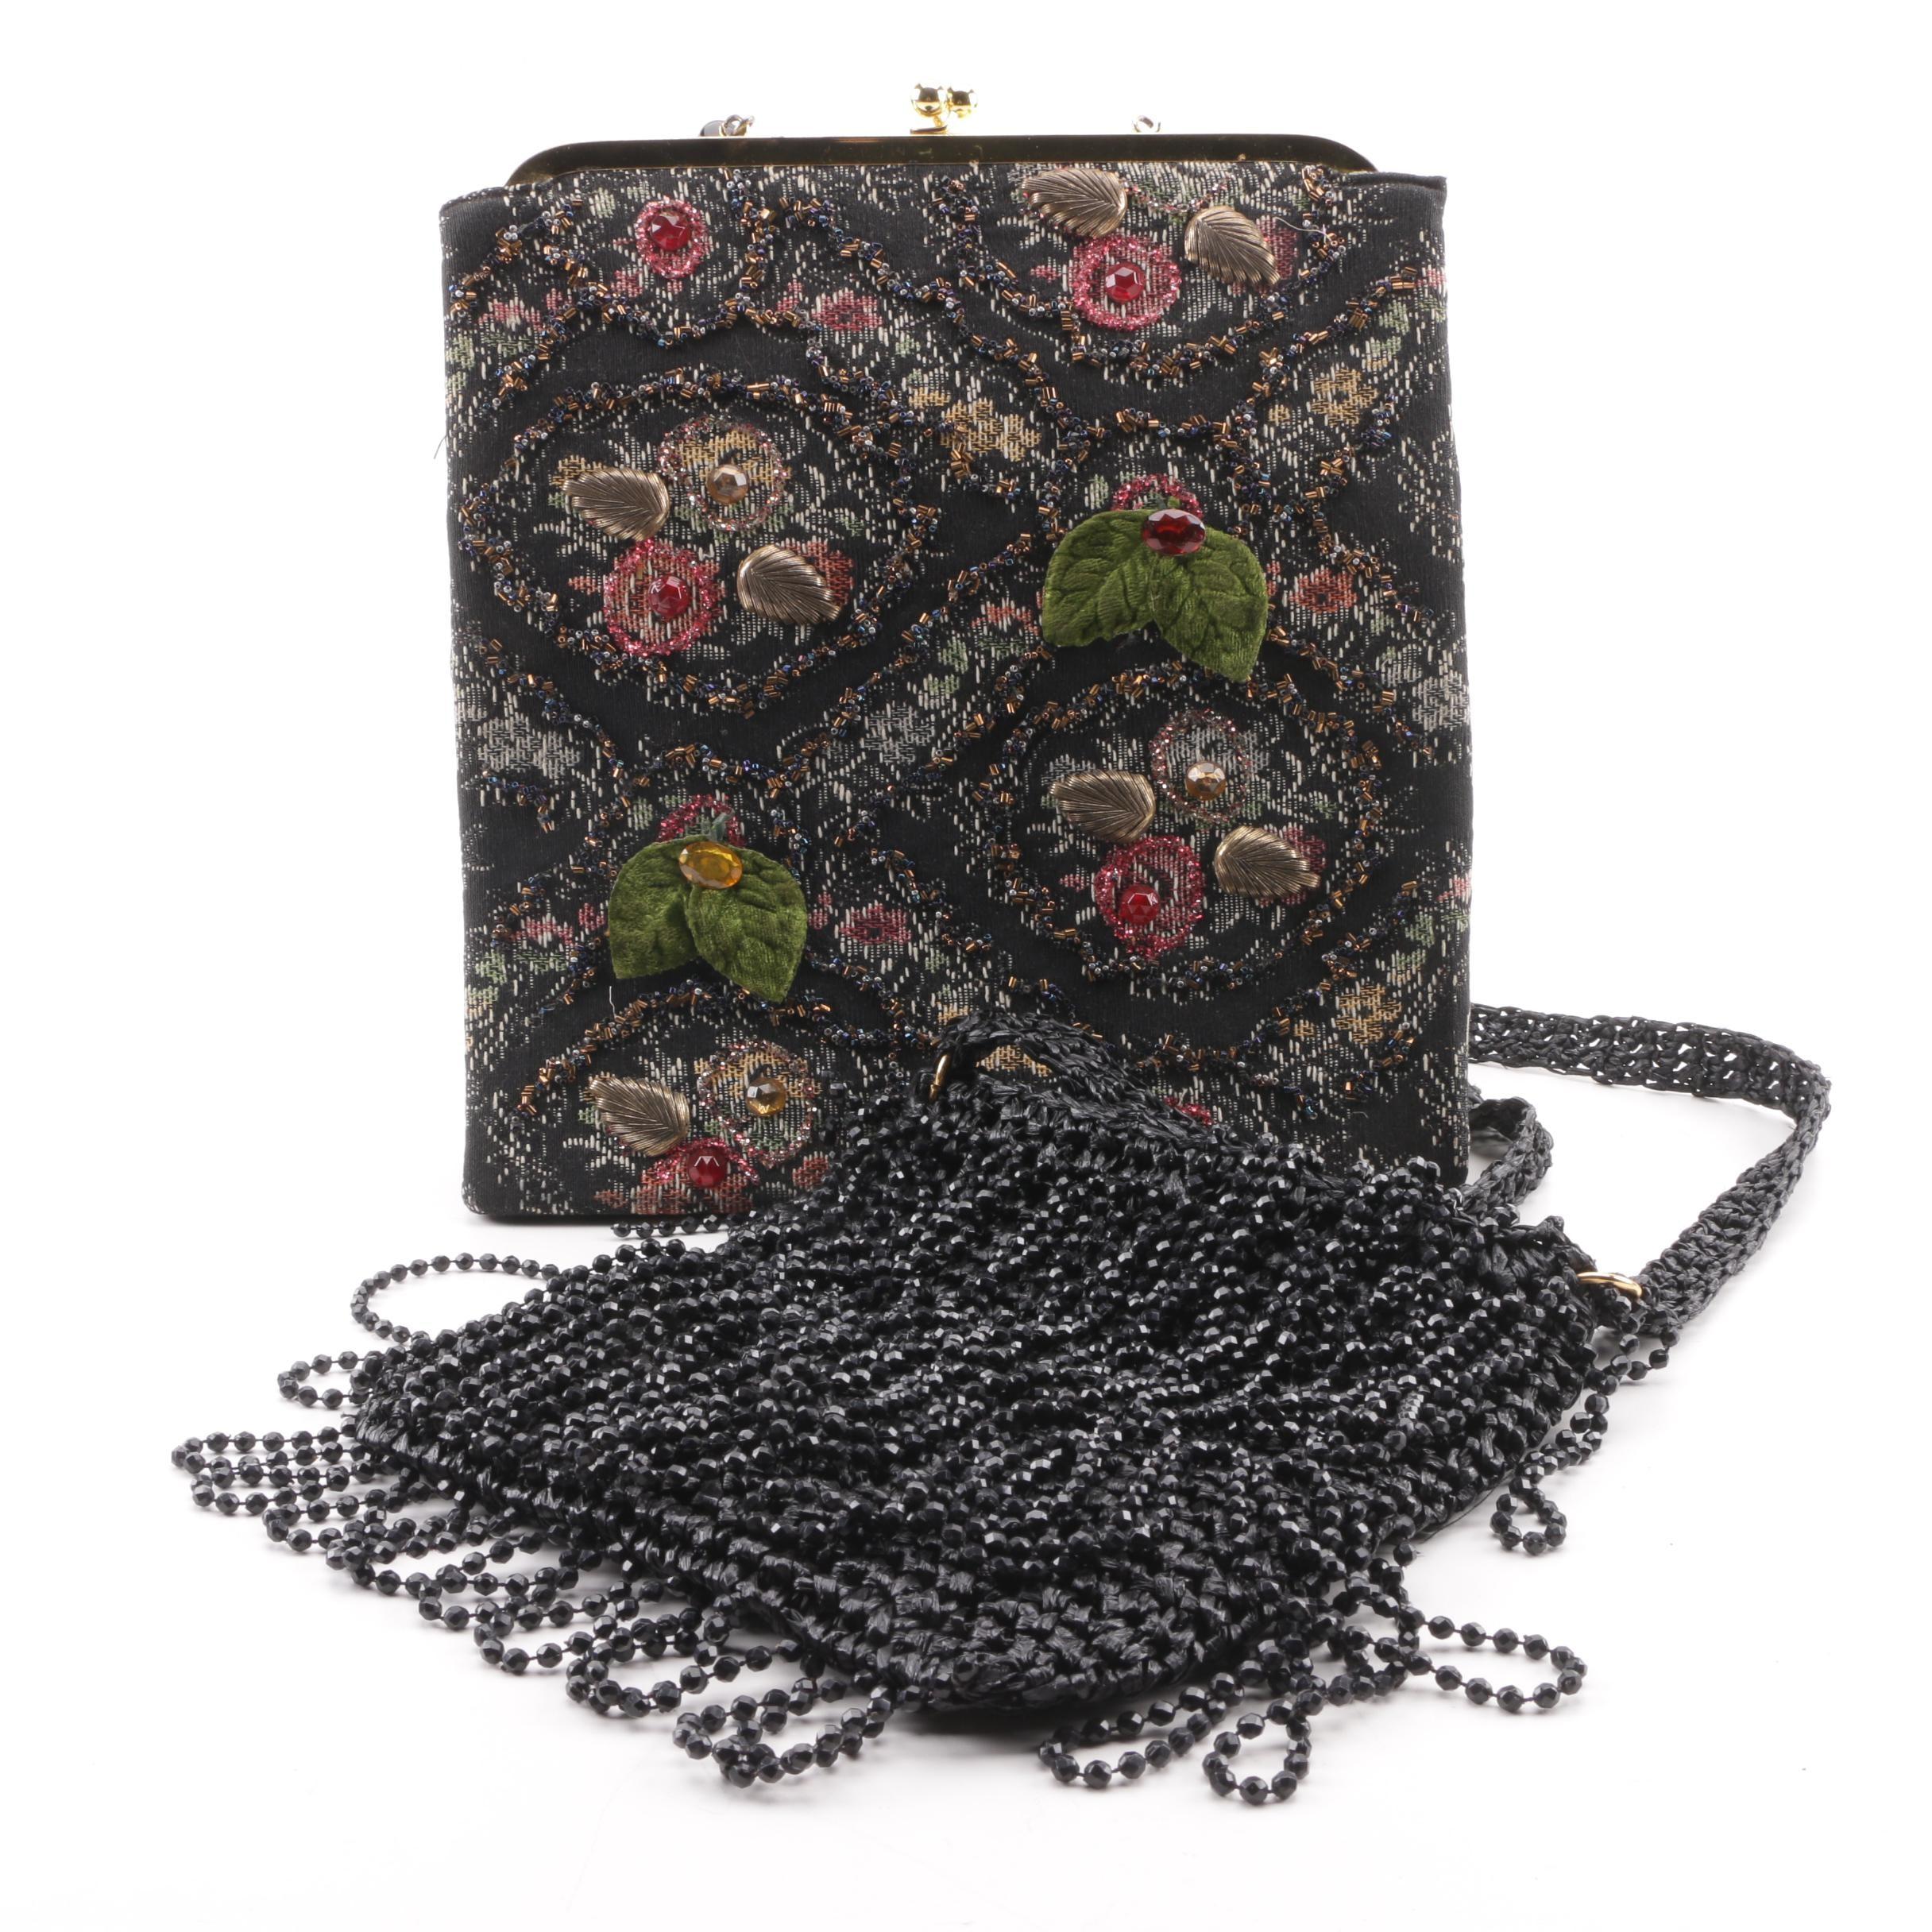 Vintage Embellished Floral Carpet Bag and Woven Shoulder Bag with Beaded Fringe